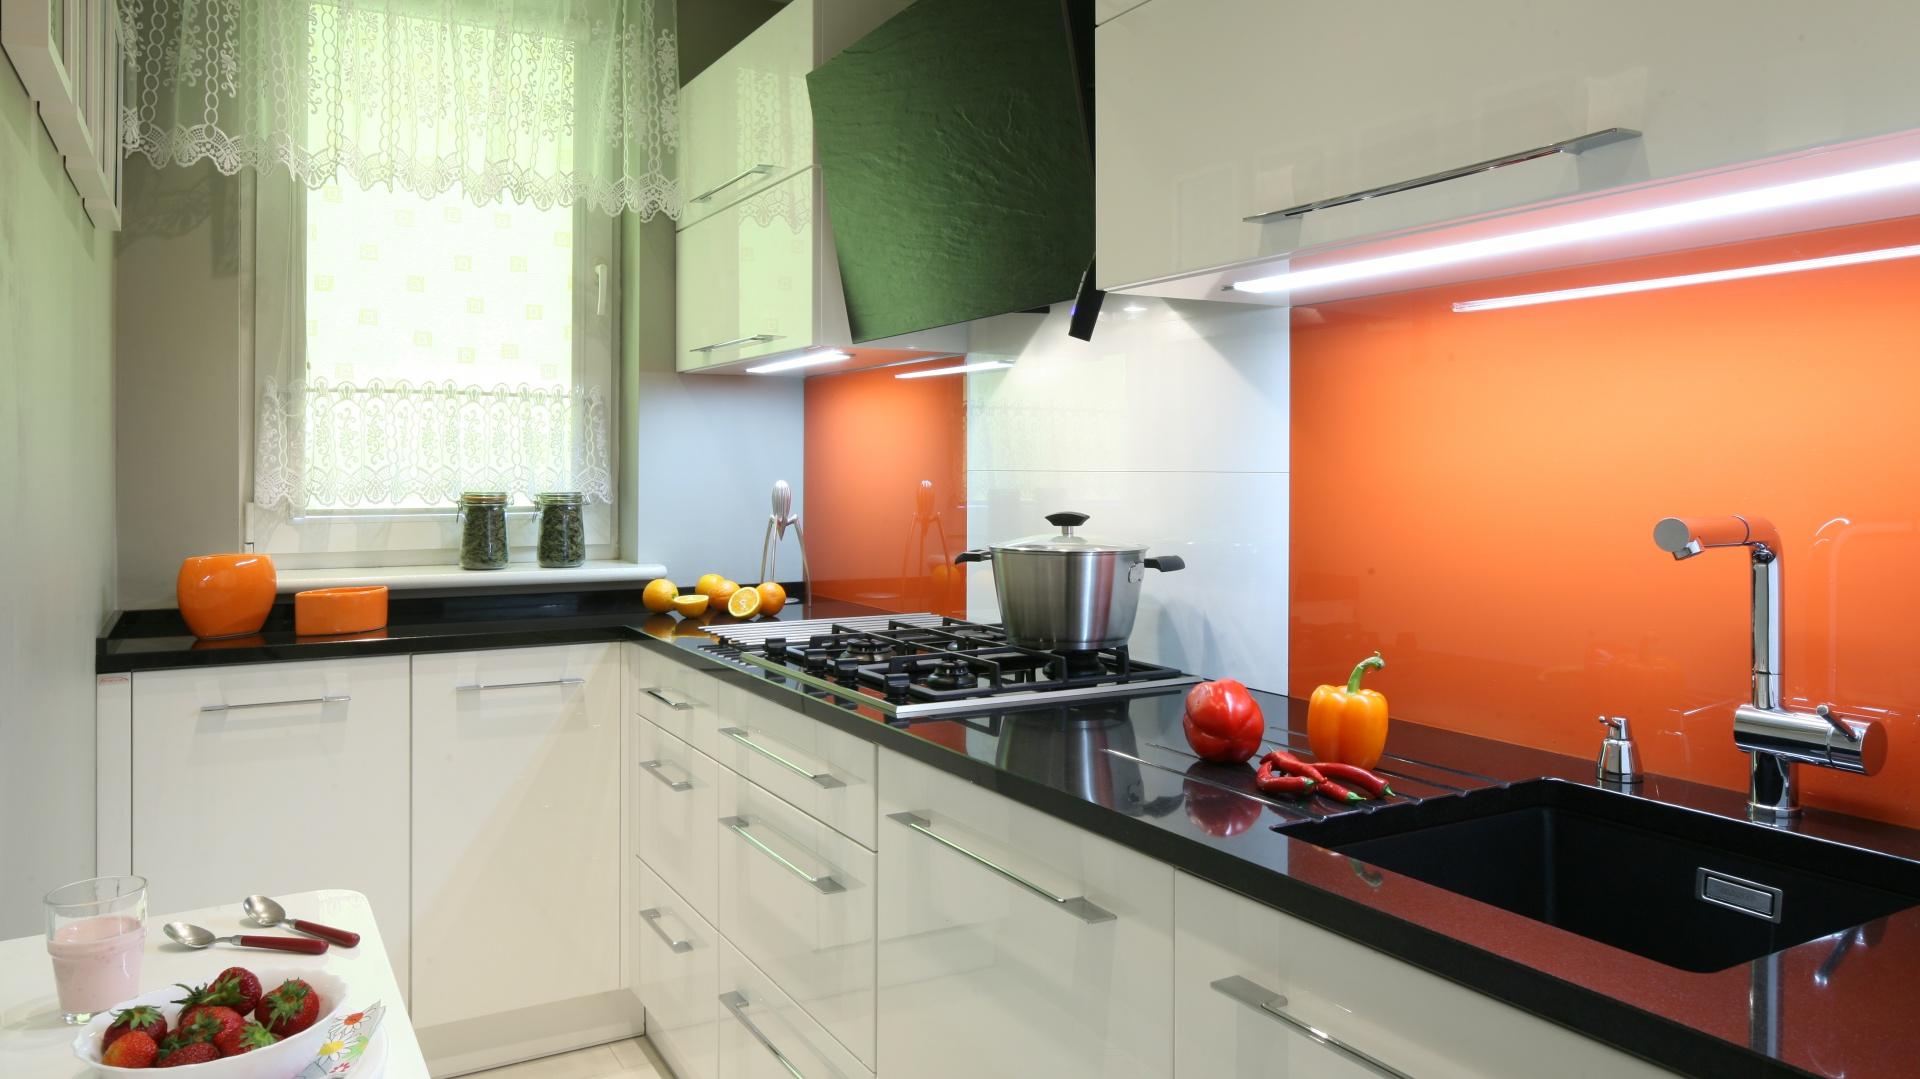 Mała Kuchnia Zobacz Jak Urządzić Nawet 3 Metrową Przestrzeń